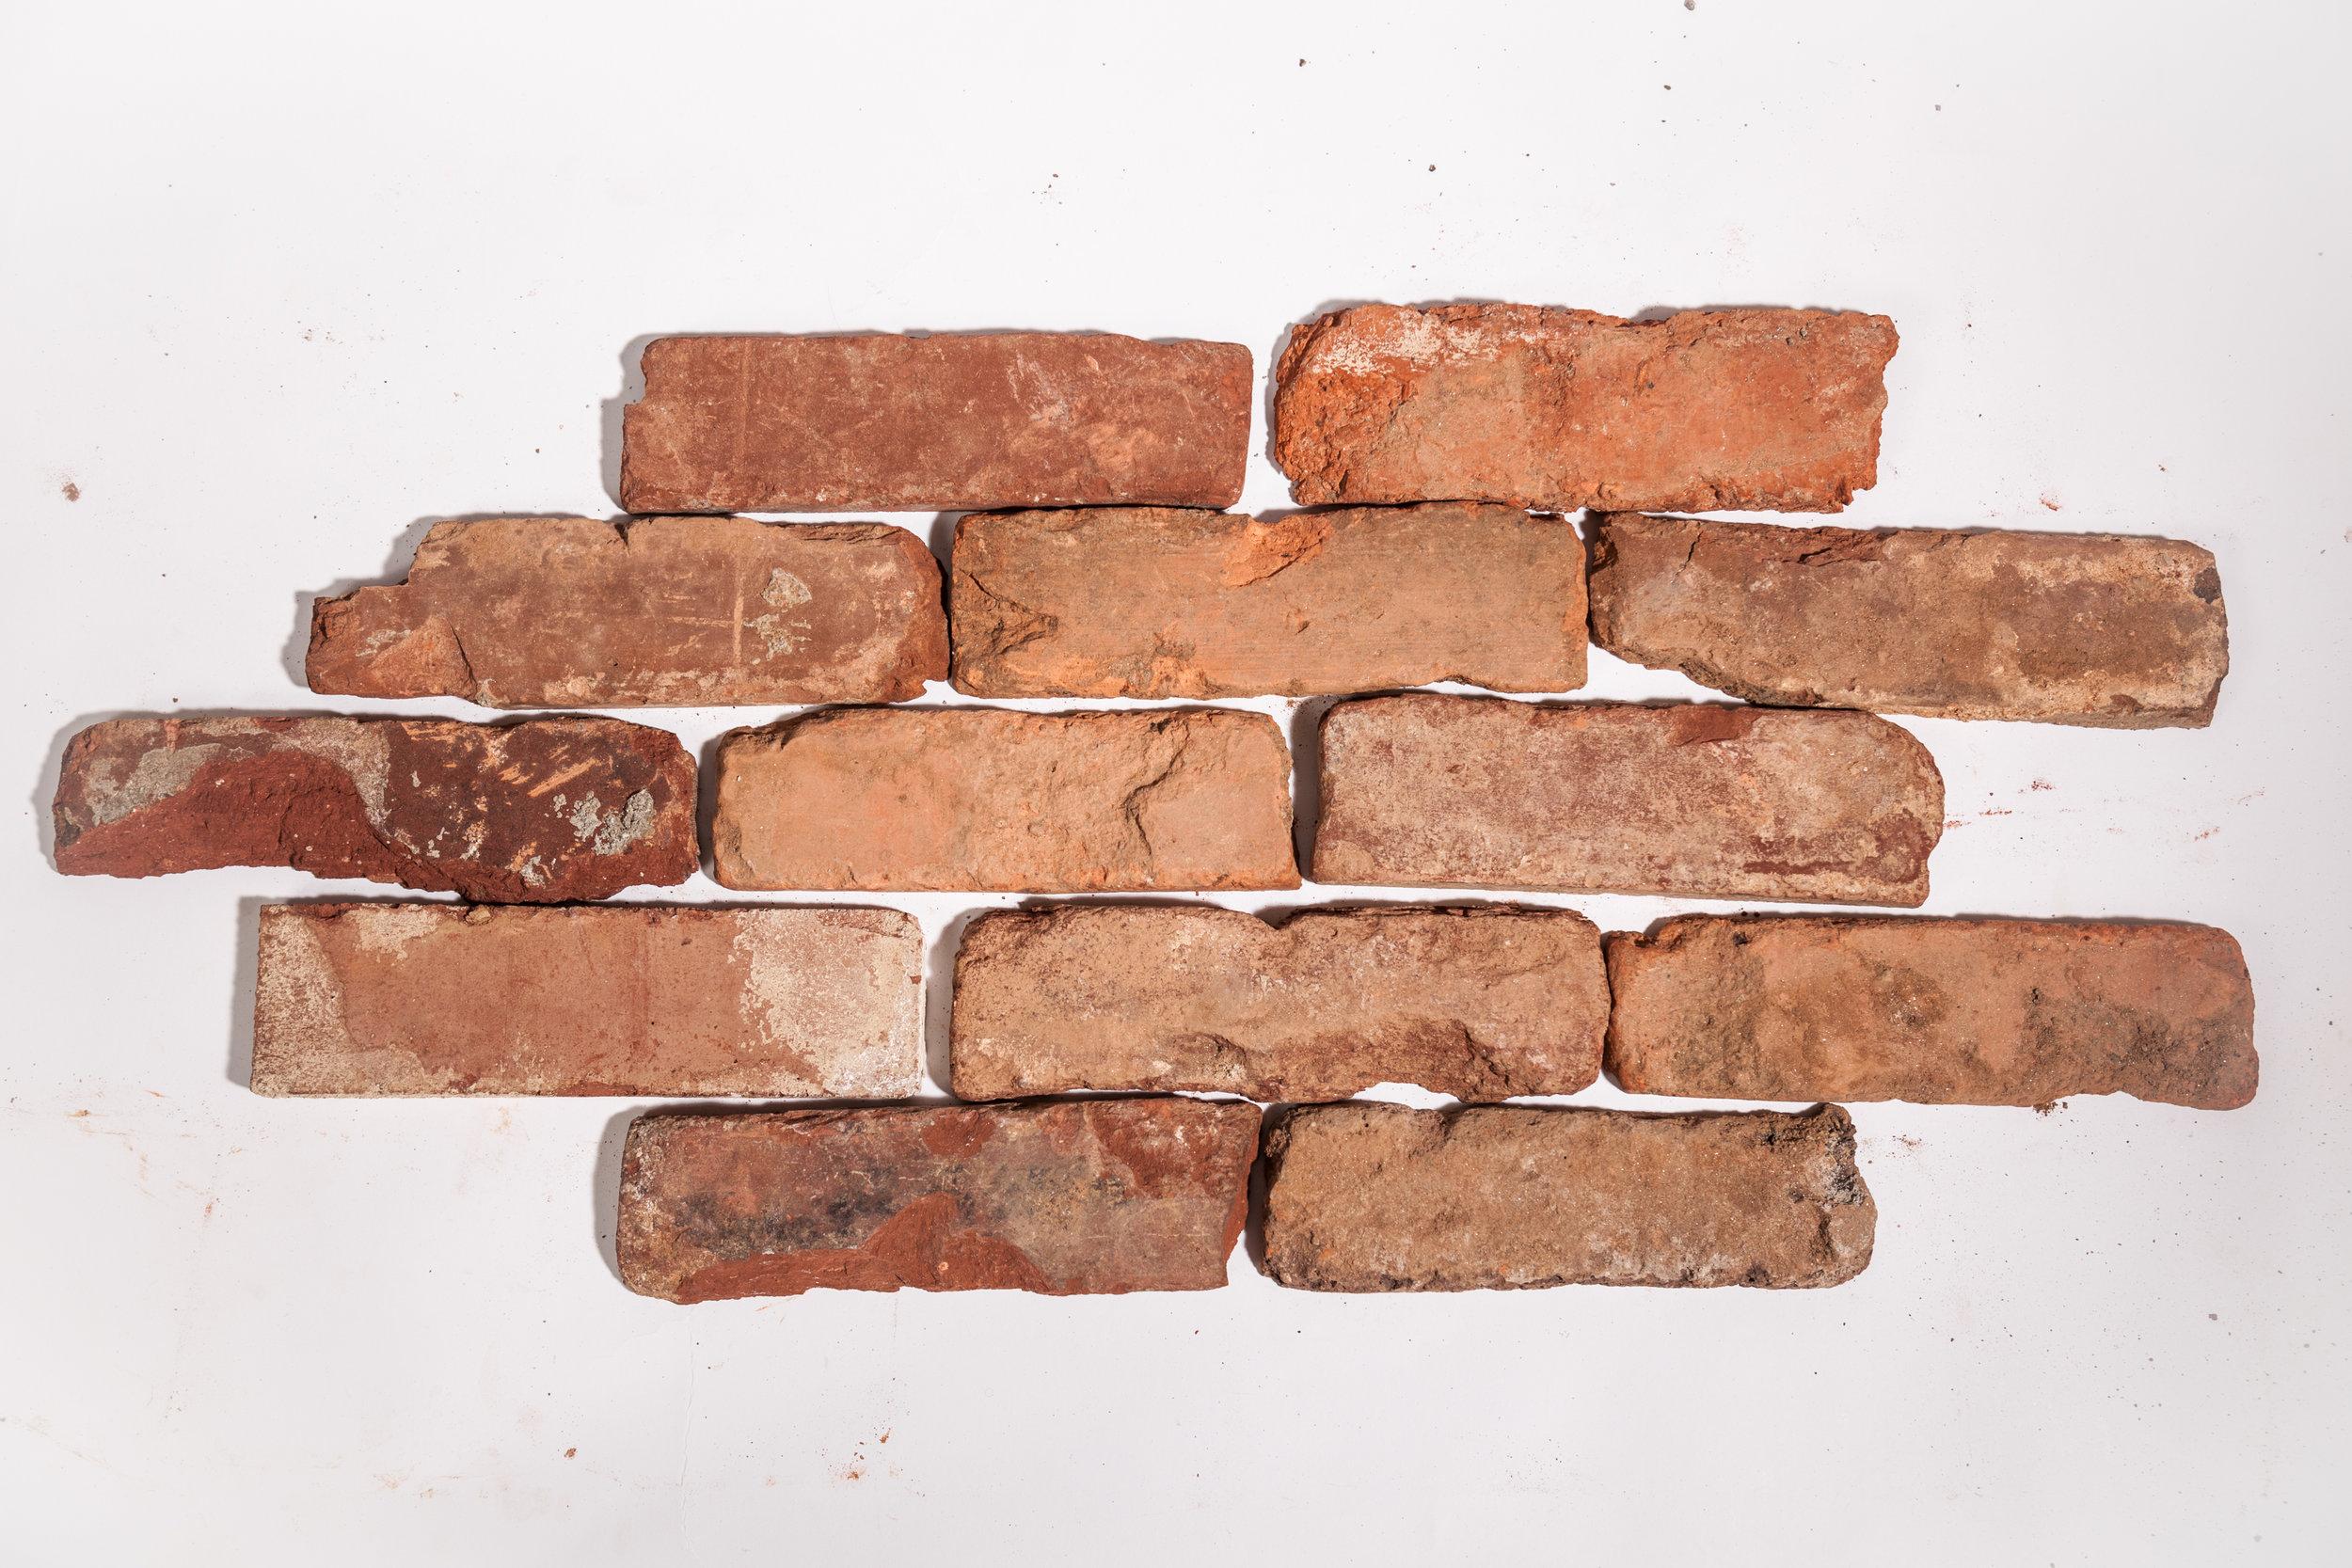 SouthernDemo_Bricks_028.jpg